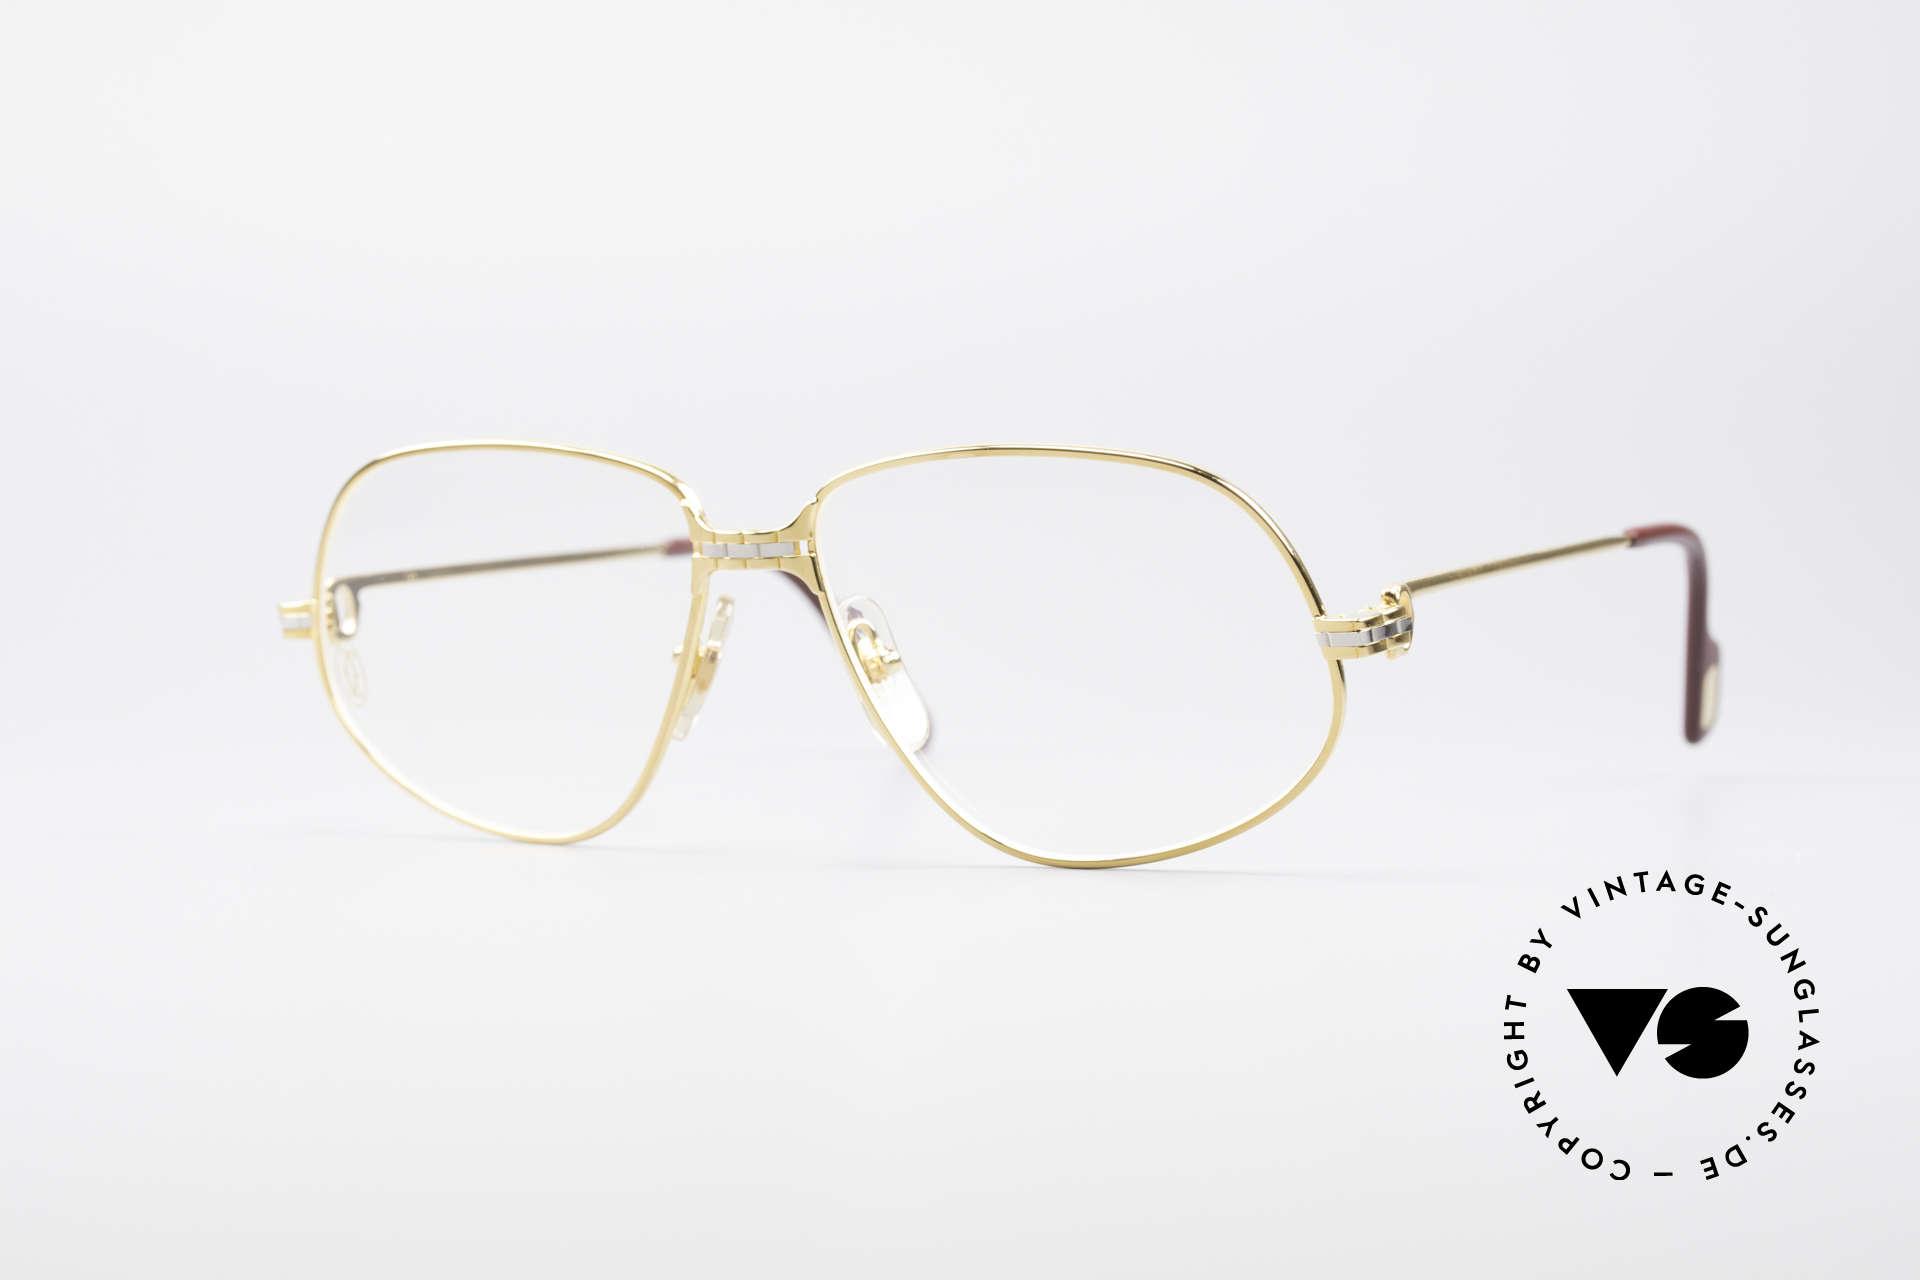 Cartier Panthere G.M. - M Luxus Vintage Brille 1980er, Cartier Panthère = der berühmte Panther von CARTIER, Passend für Herren